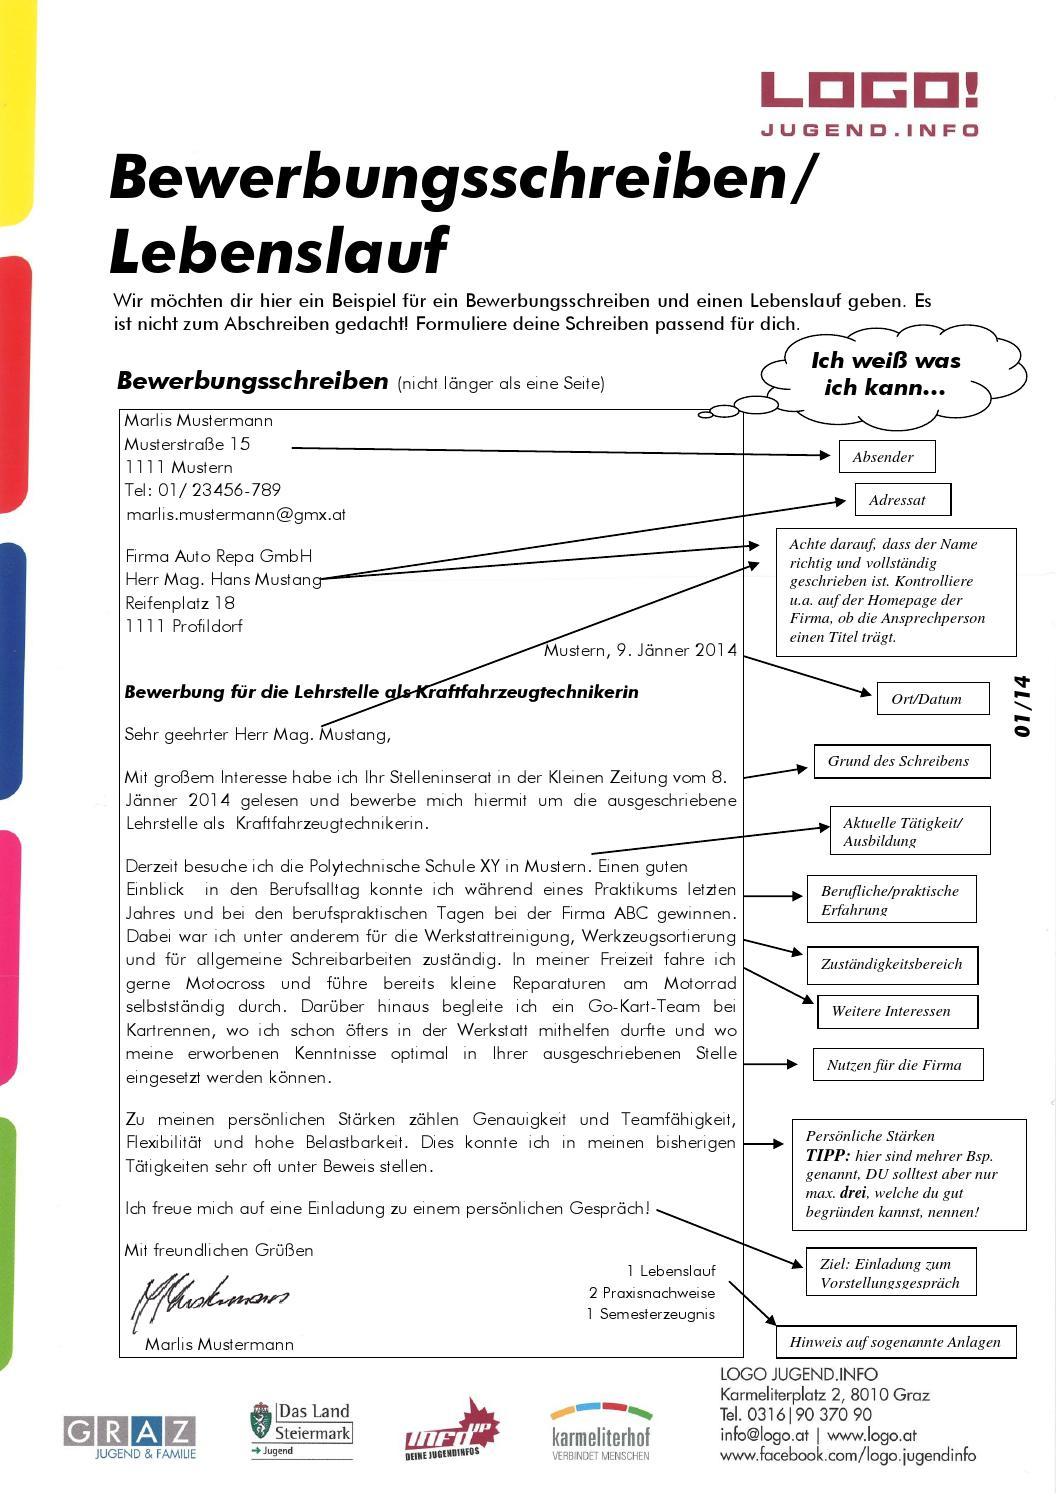 Arbeit ib bewerbungsschreiben lebenslauf 01 14 by LOGO - issuu